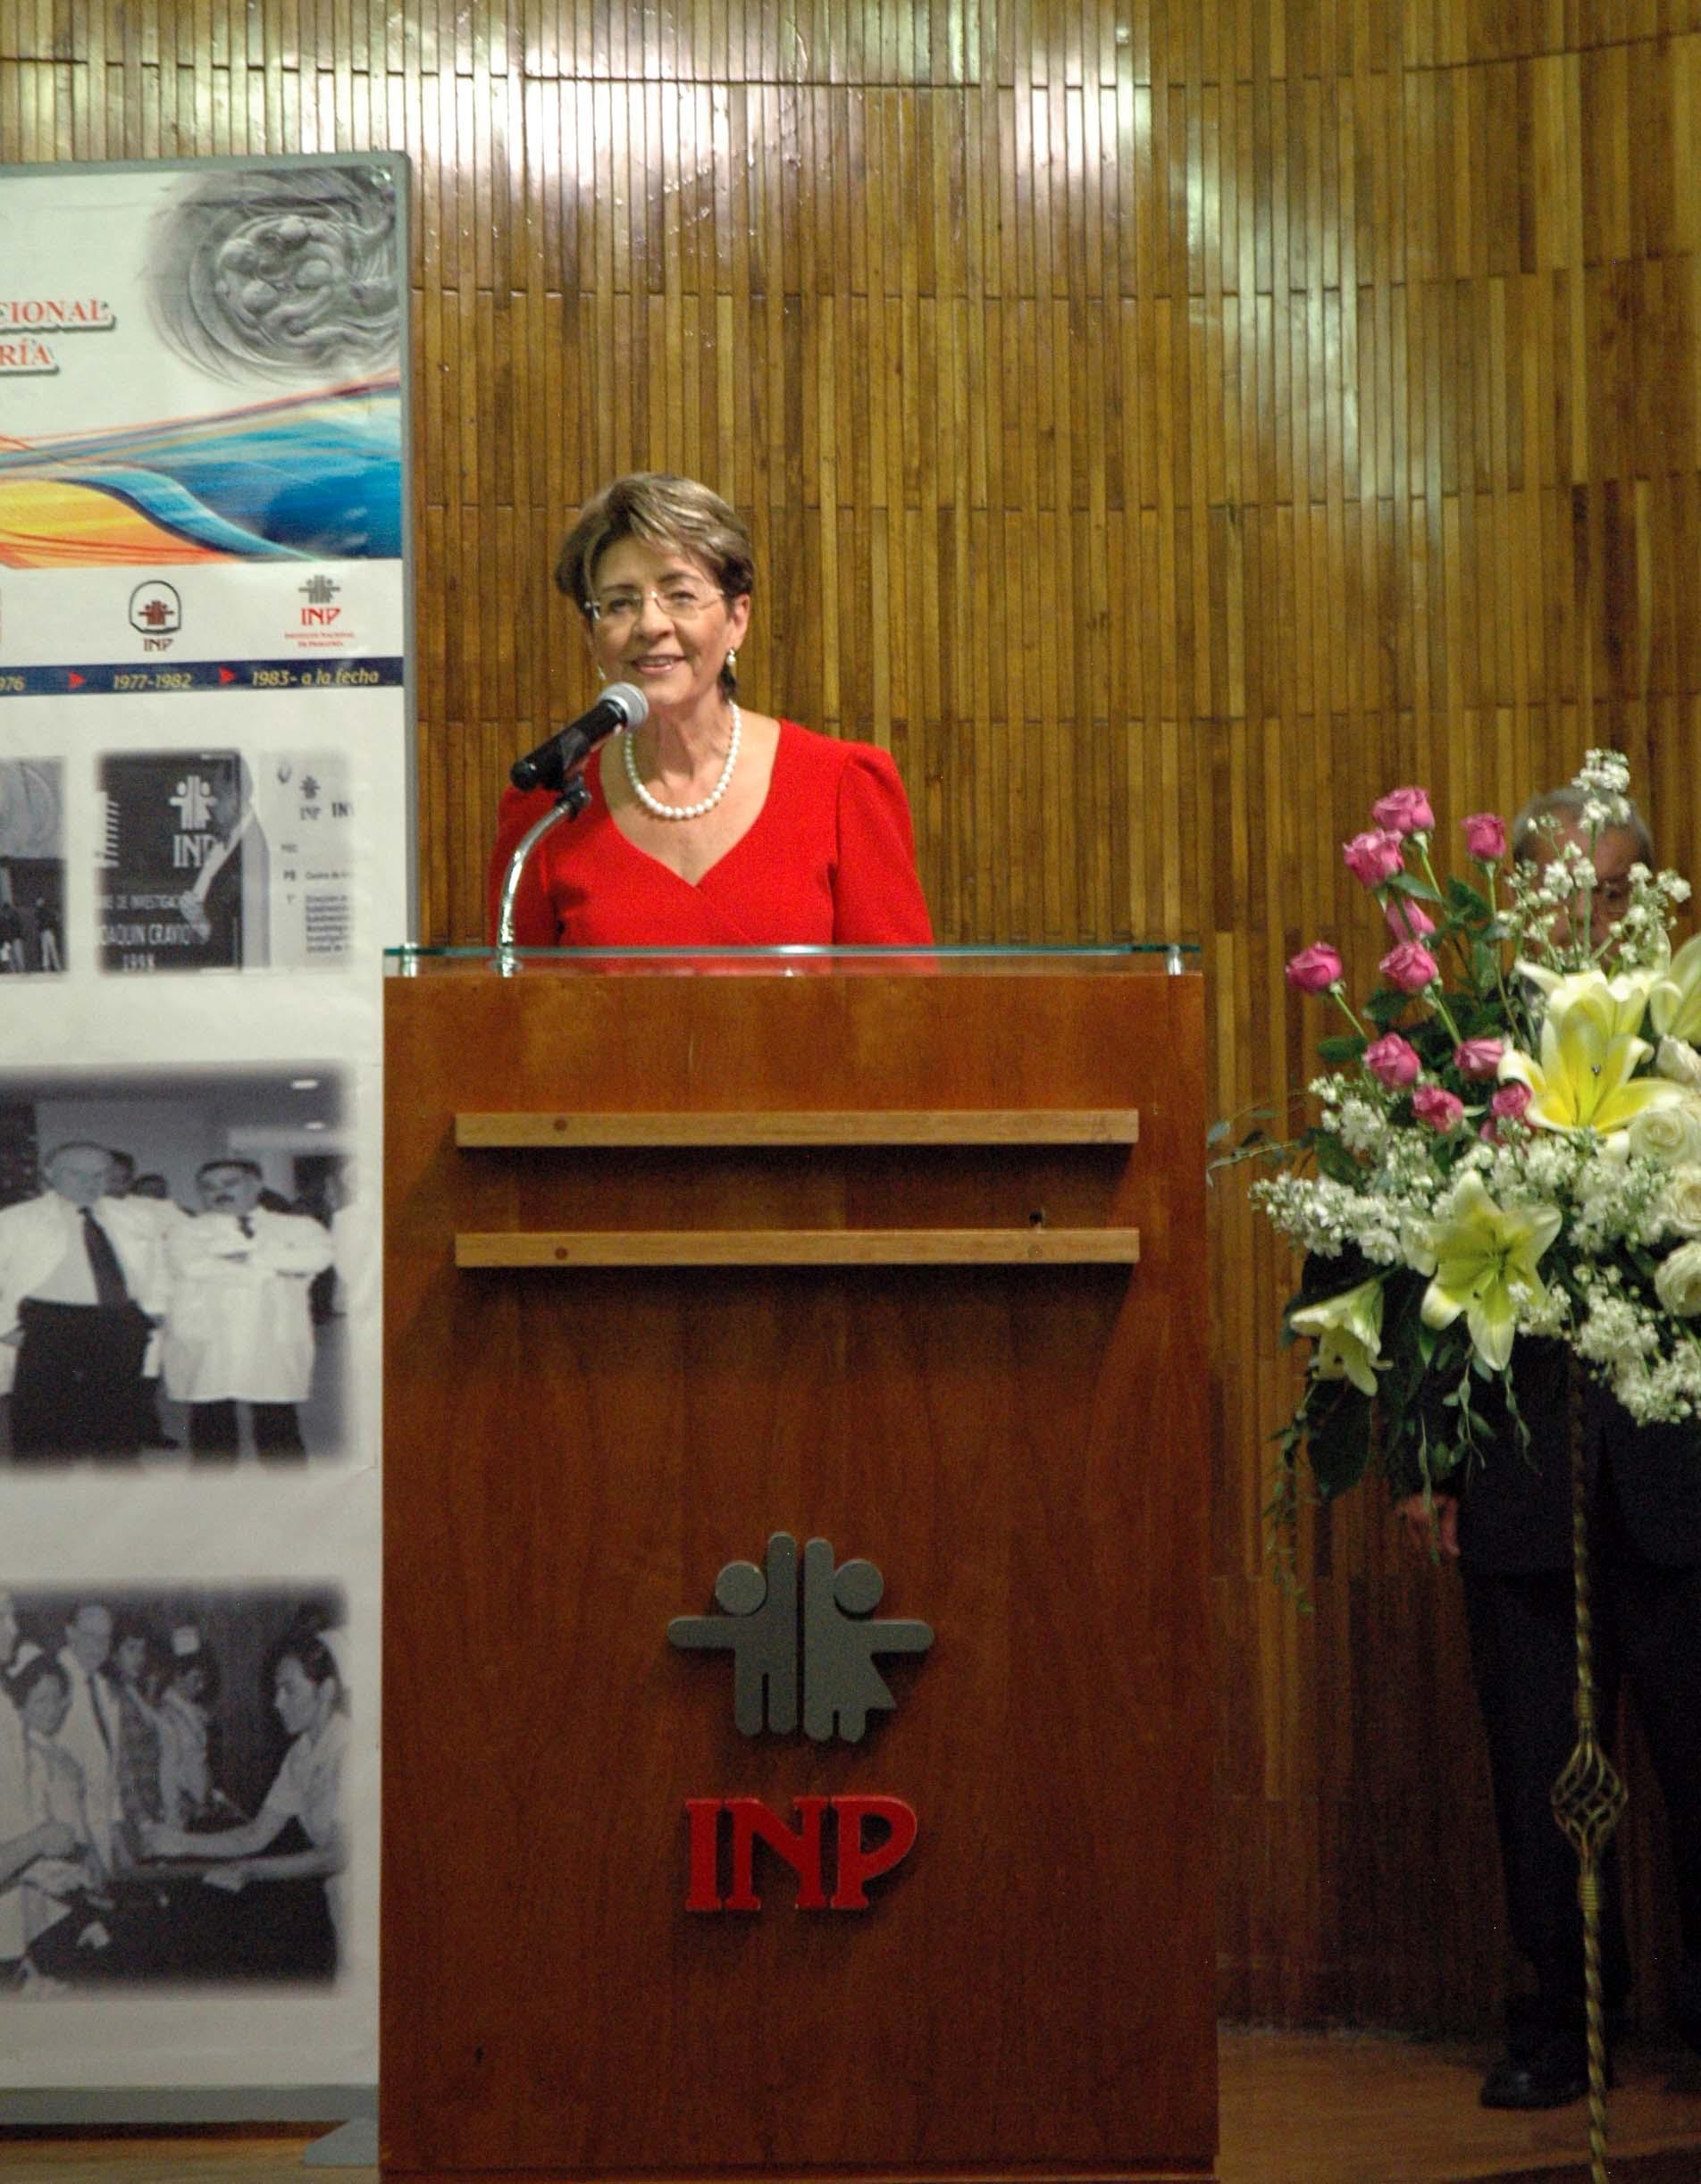 La Secretaria de Salud, doctora Mercedes Juan, encabezó la ceremonia del 45 aniversario.